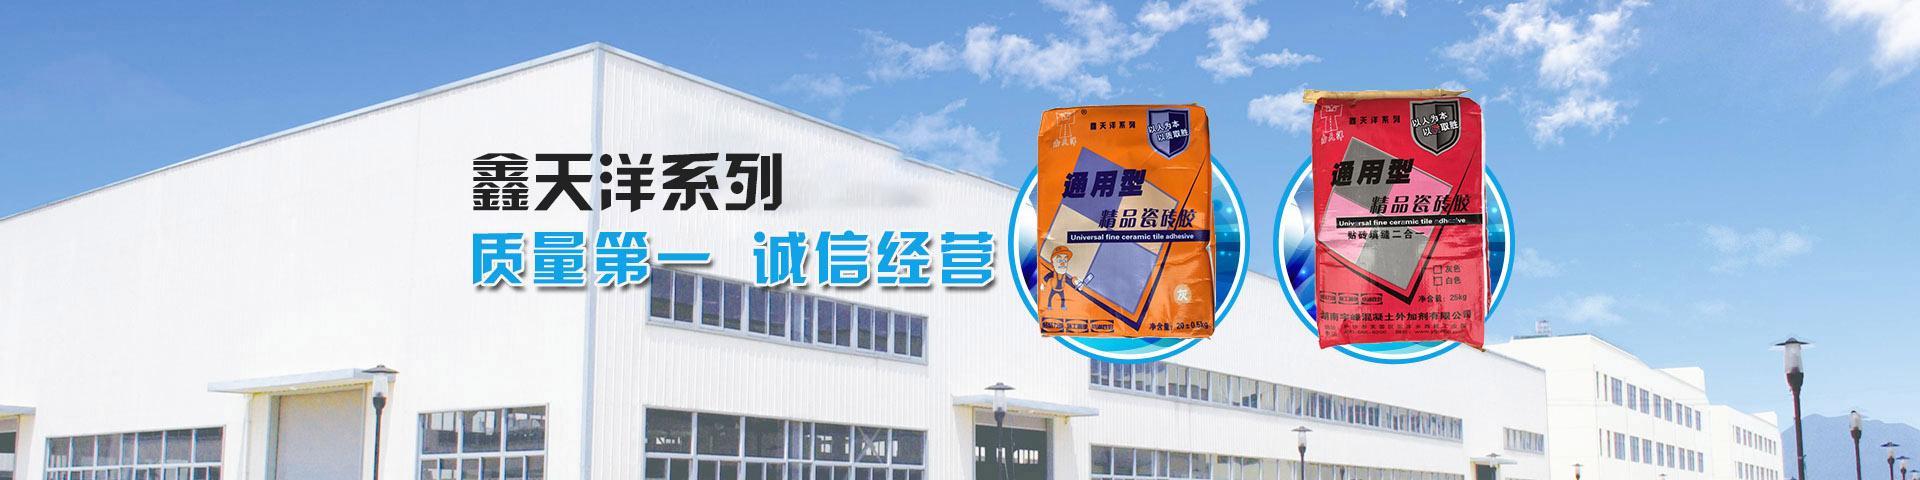 湖南宇峰混凝土外加剂有限公司